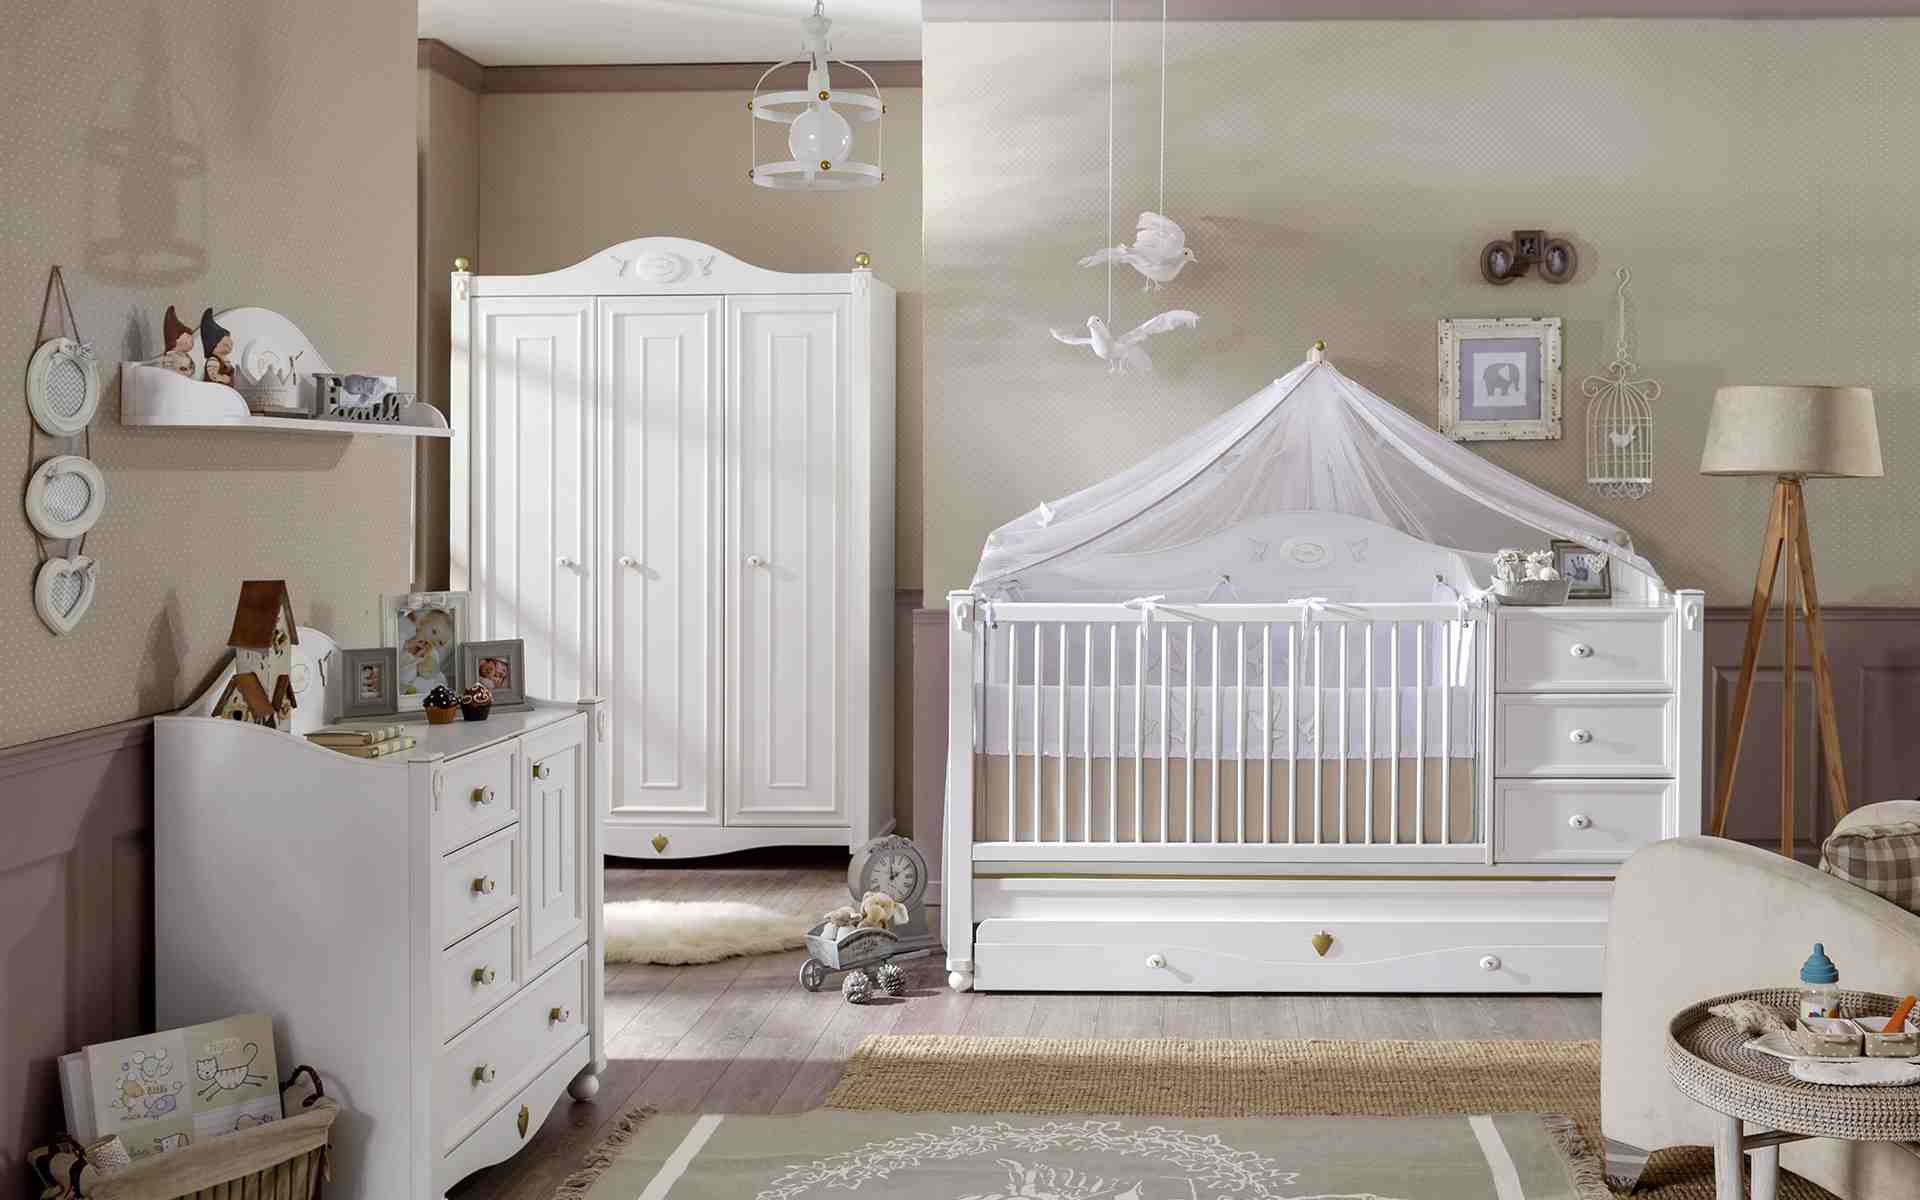 Chambre bebe taupe et lin - Idées de tricot gratuit